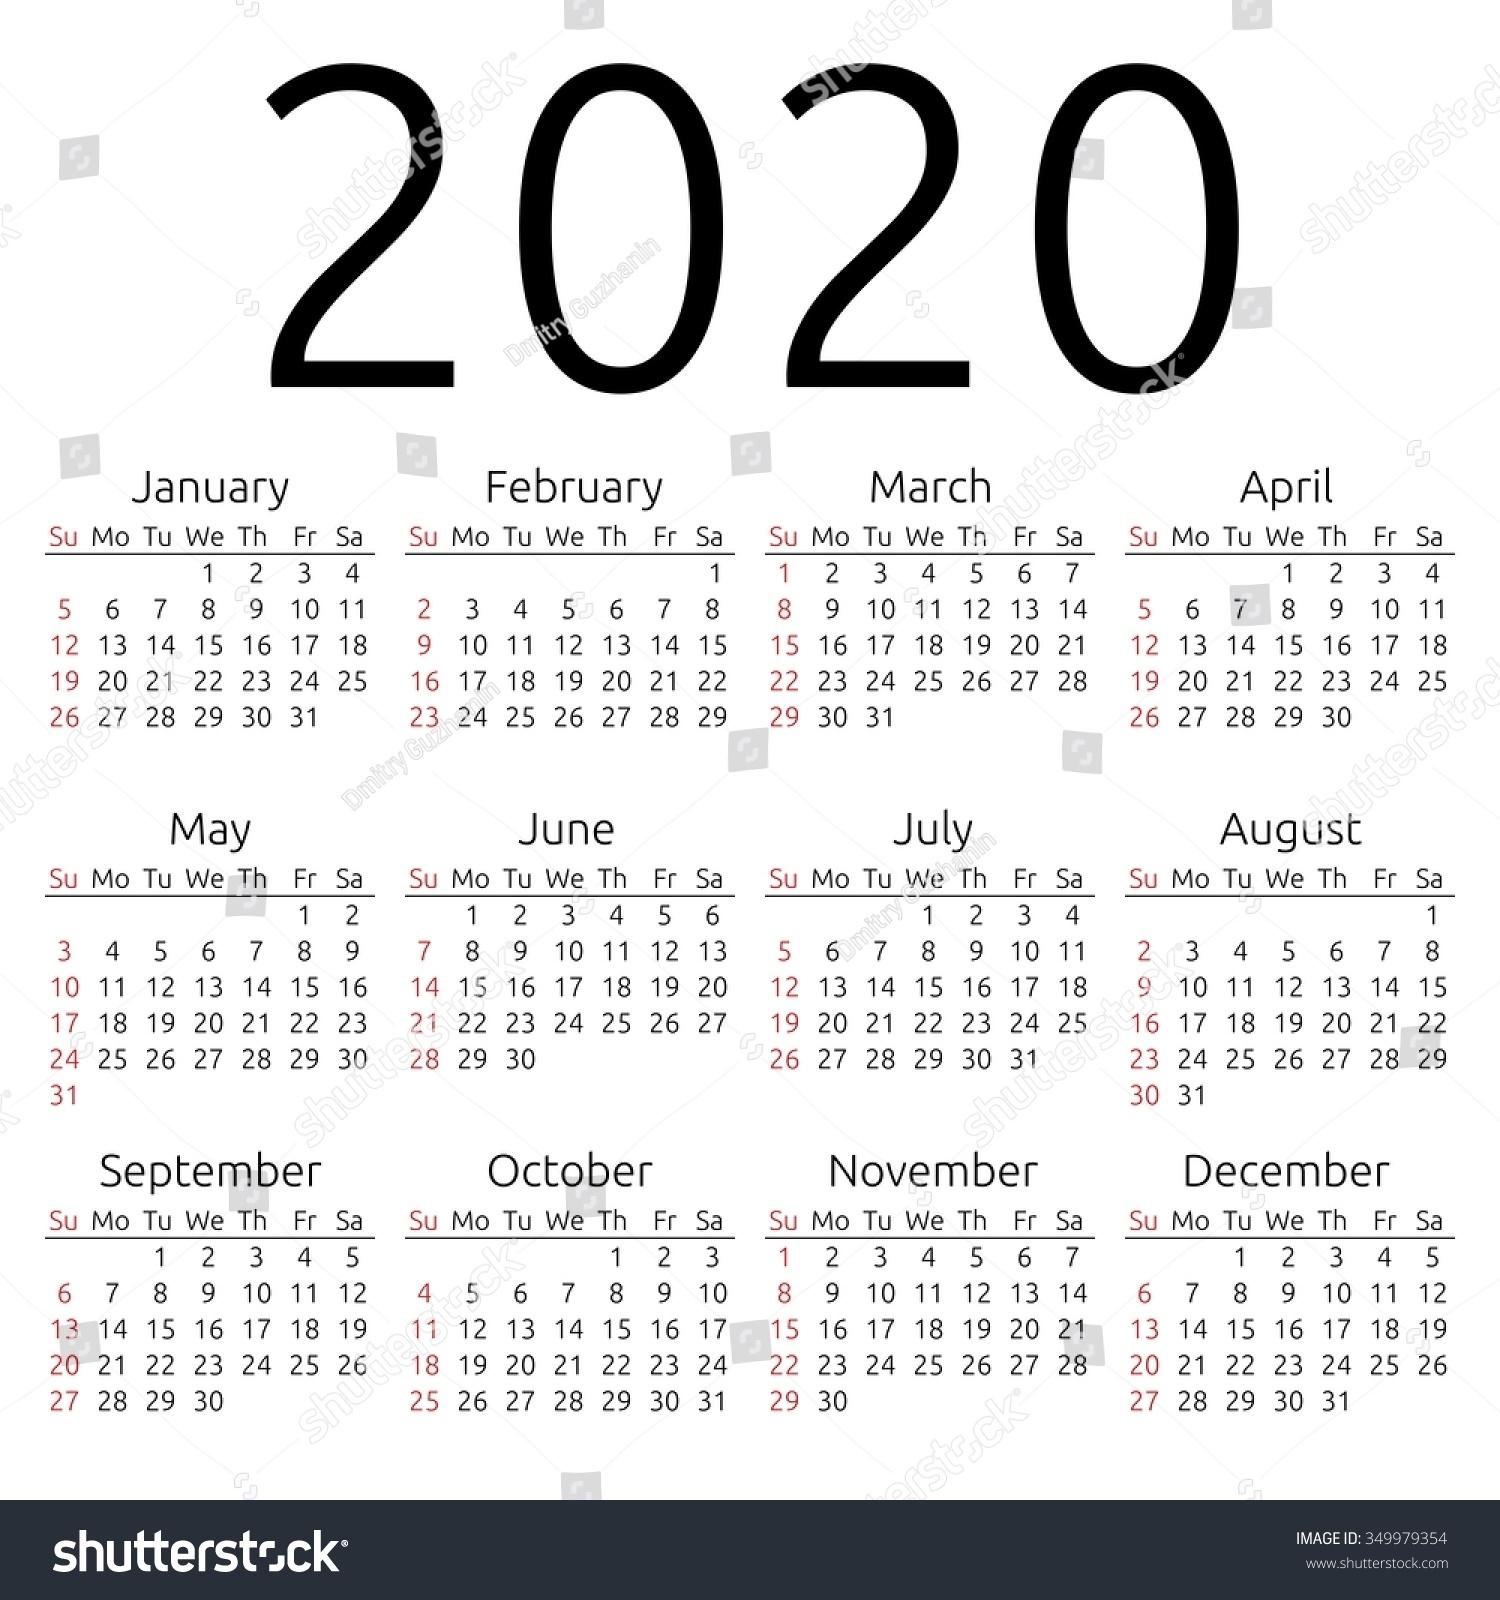 Dashing 2020 Calendar With Week Numbers • Printable Blank Calendar for 2020 Calendar With Week Numbers In Excel